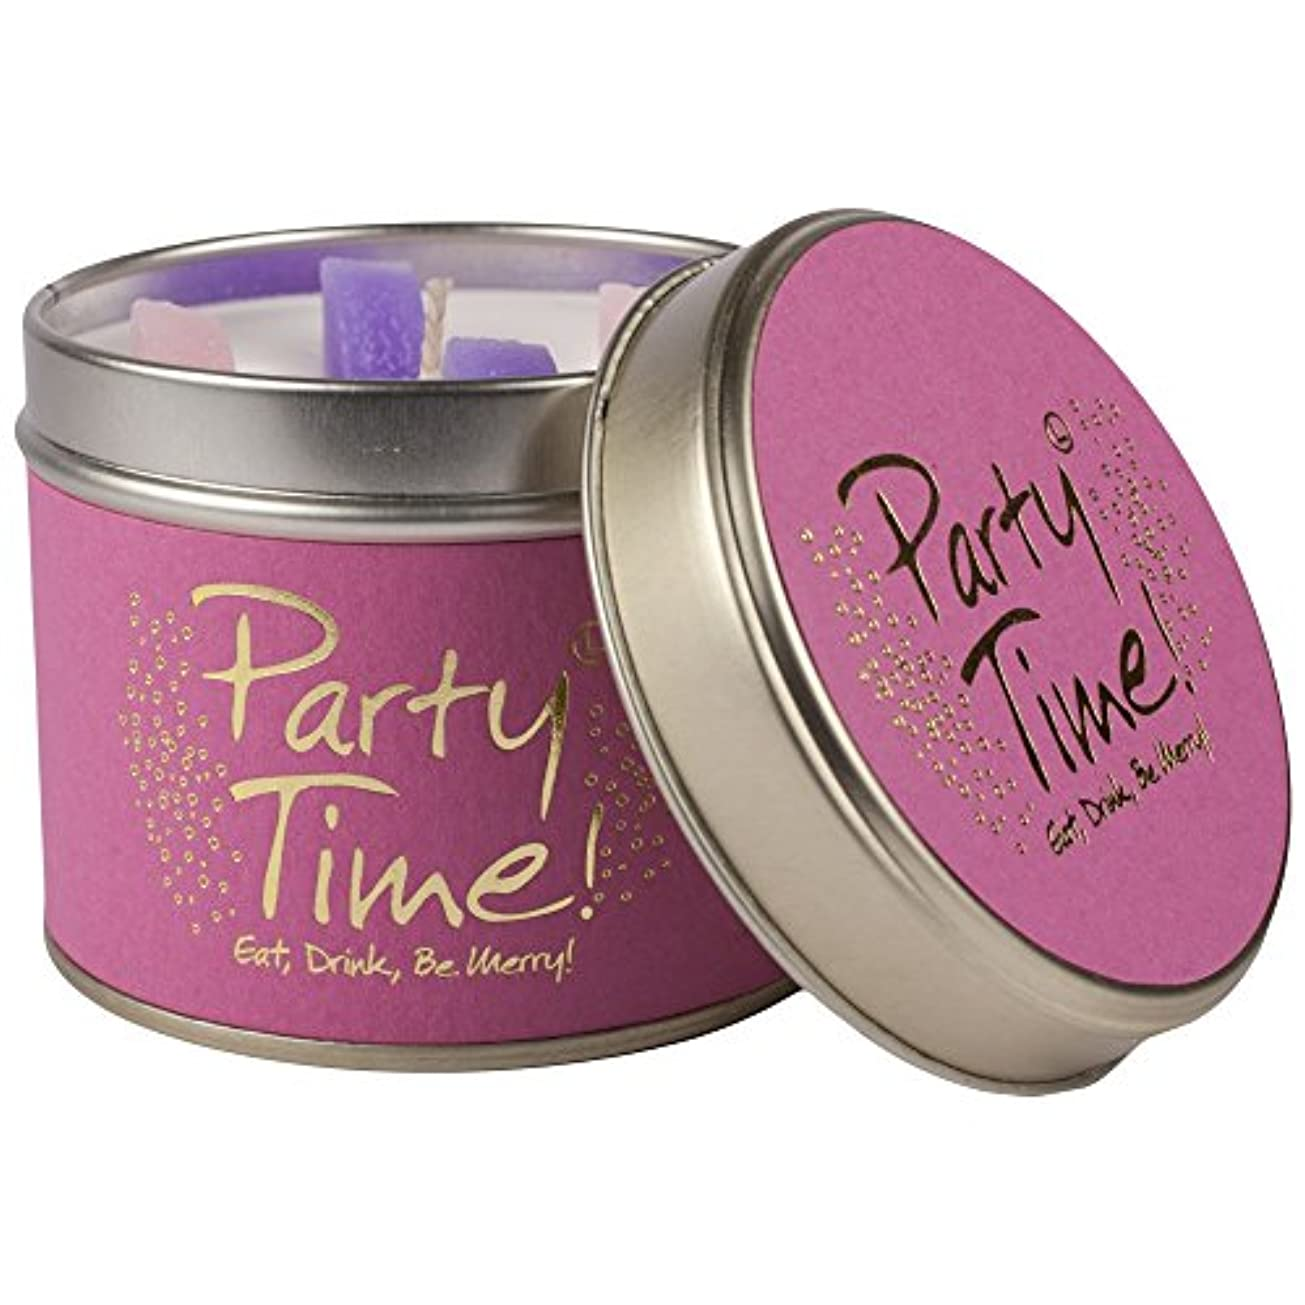 覚醒無人課すLily-Flame Party Time Scented Candle Tin (Pack of 2) - ユリ炎パーティーの時間香りのキャンドルスズ (Lily-Flame) (x2) [並行輸入品]